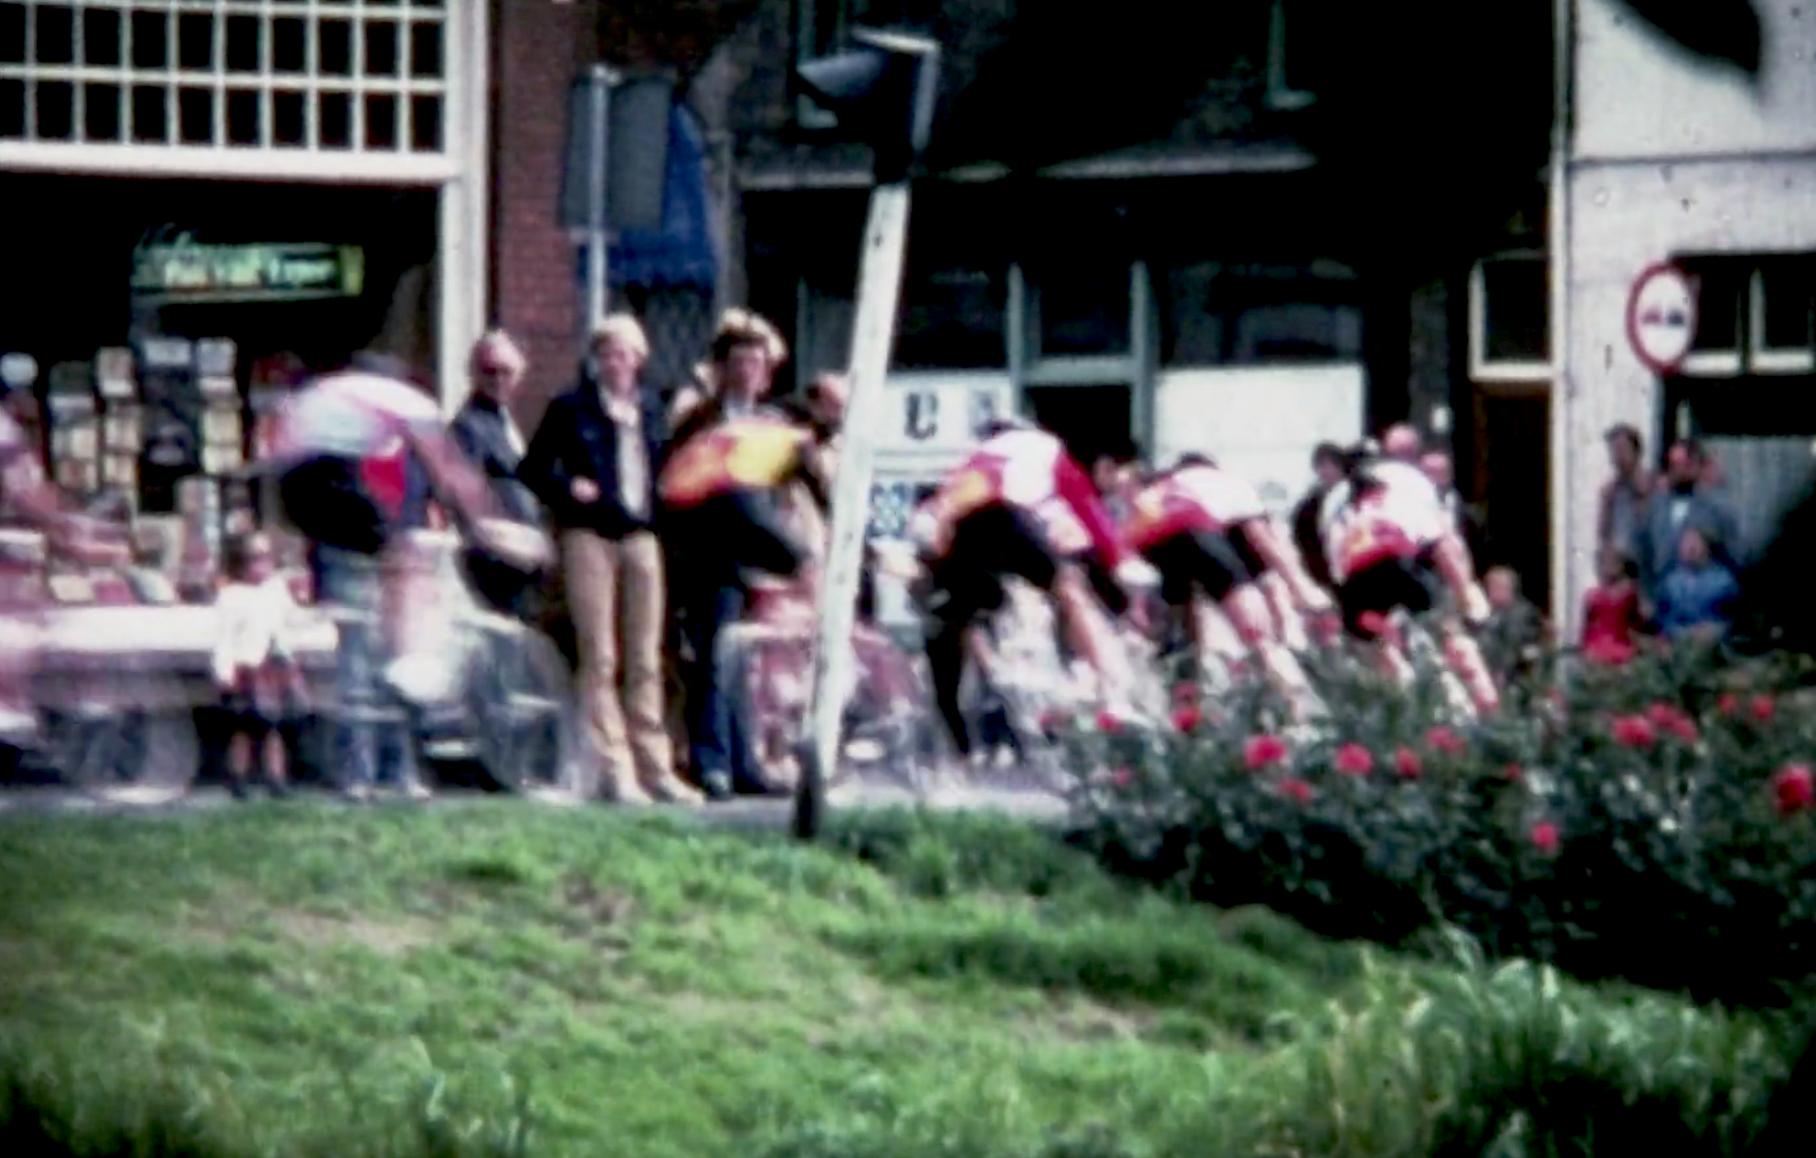 Bewegend Verleden: De bezetting van een moskee, Joop Zoetemelk rijdt door Leiden en beroemd restaurant 't Karrewiel stopt, 1979 [video]